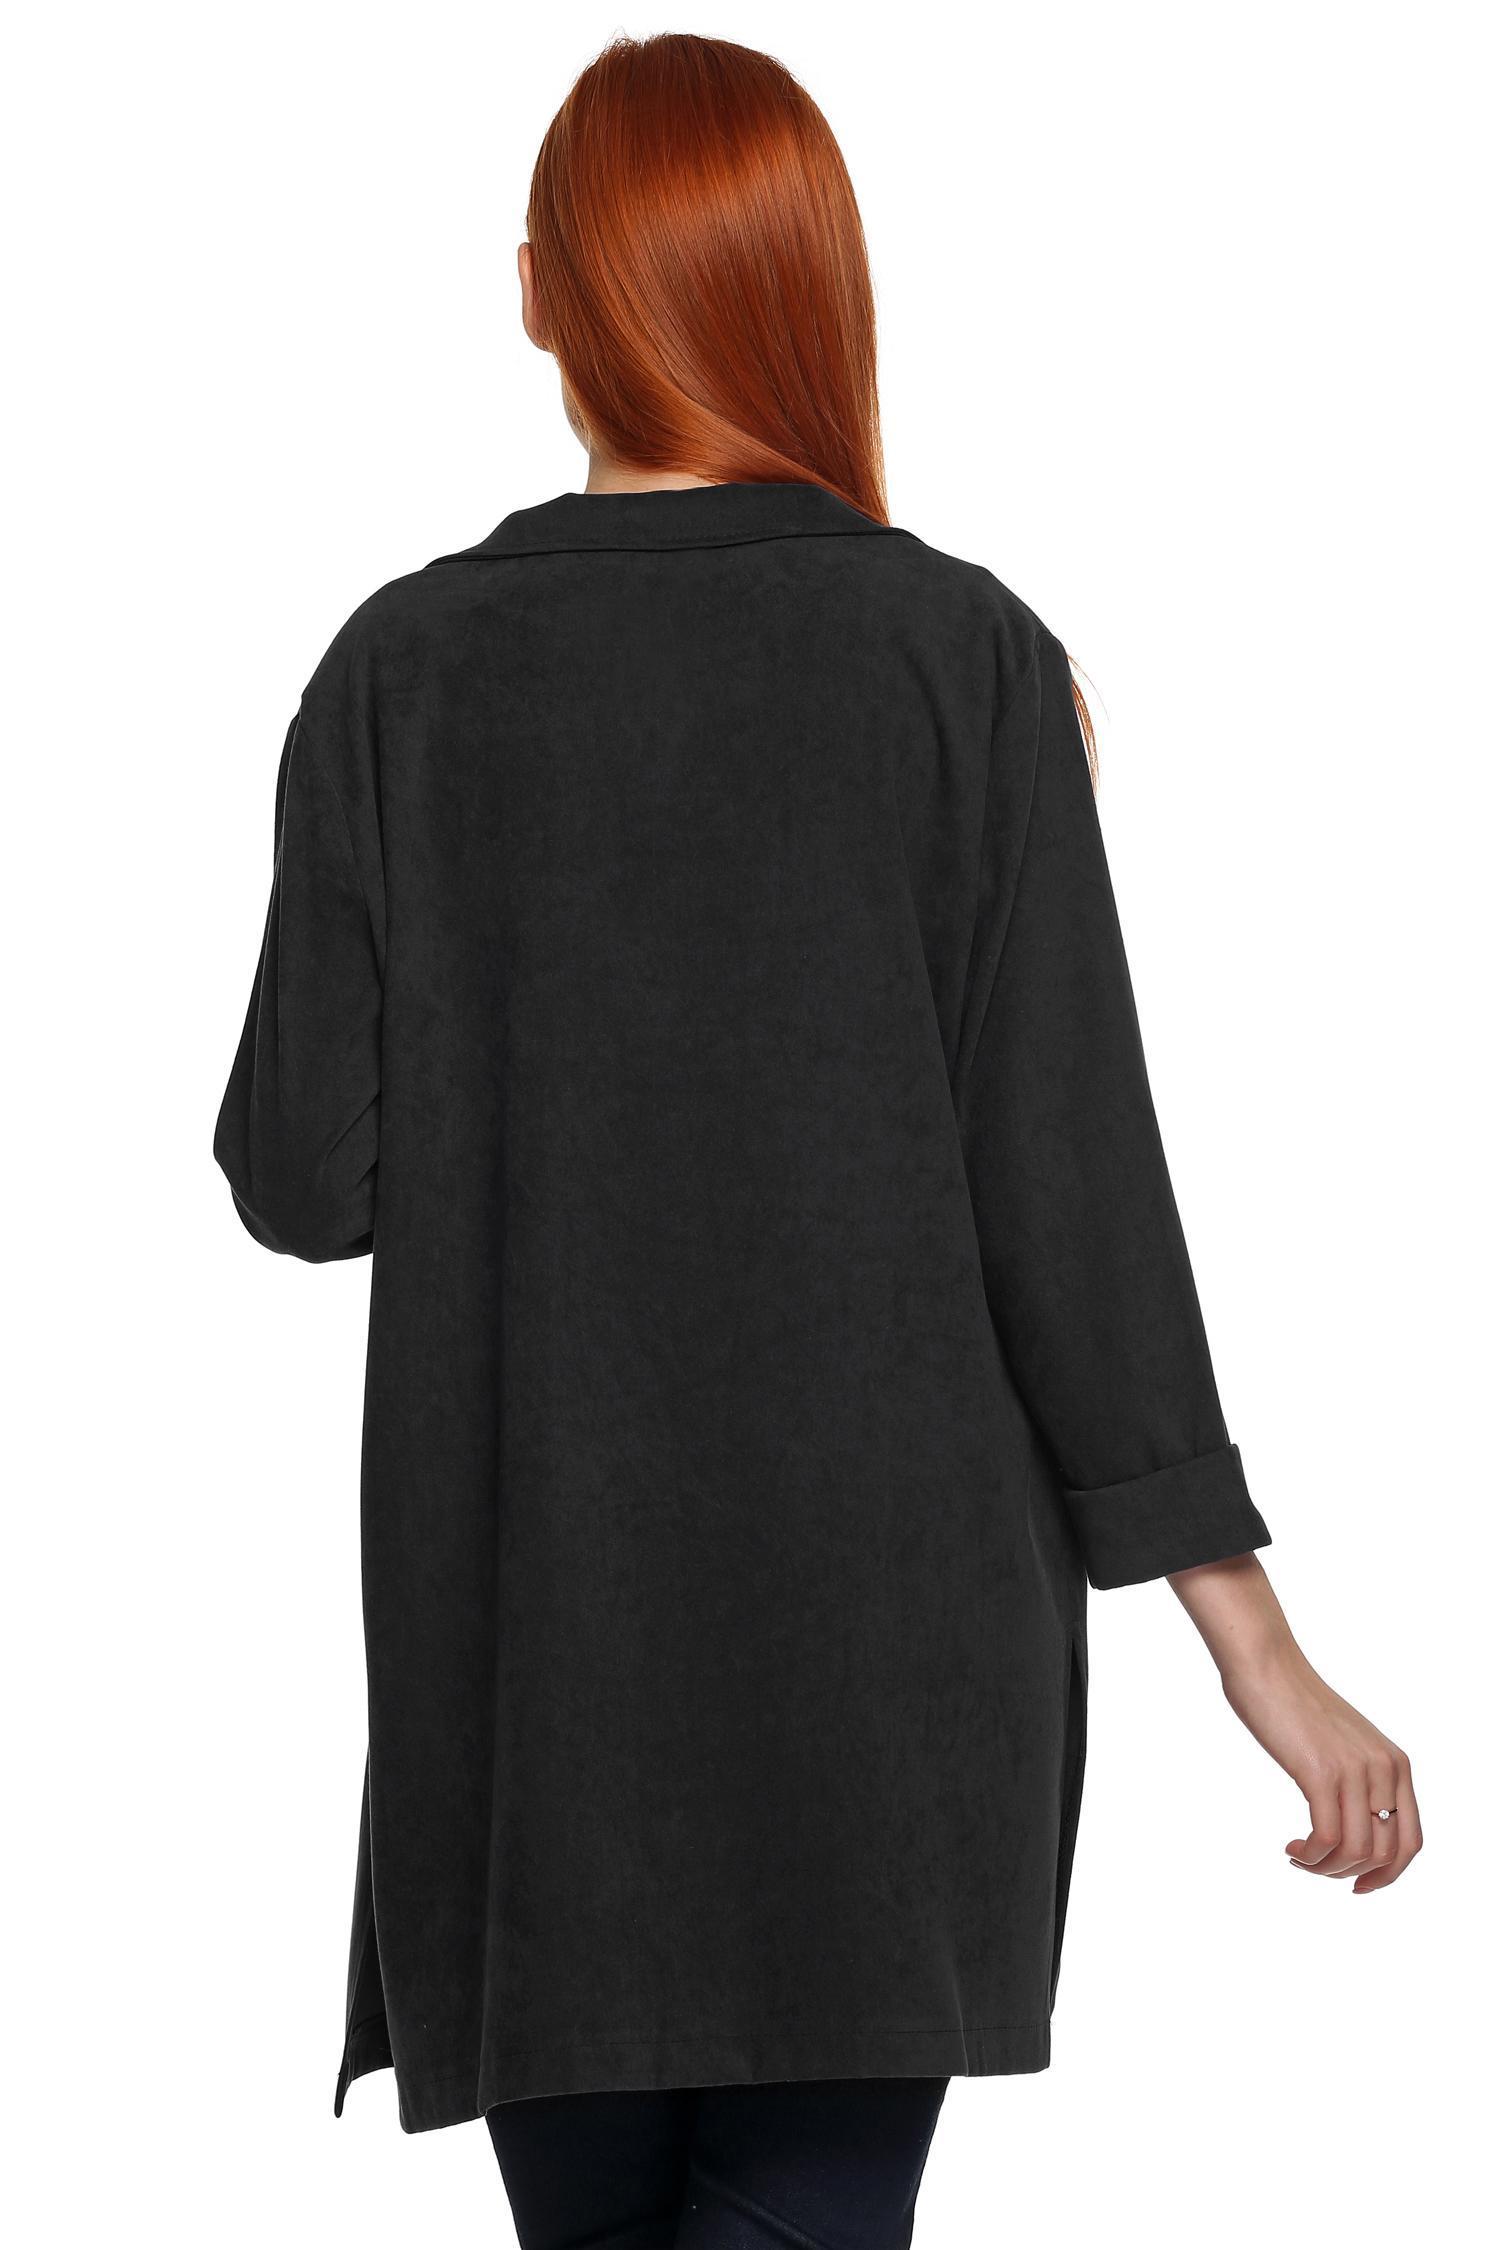 Zeogoo Women Lapel Long Sleeve Open Front Side Split Trench Long Coat Outwear 0